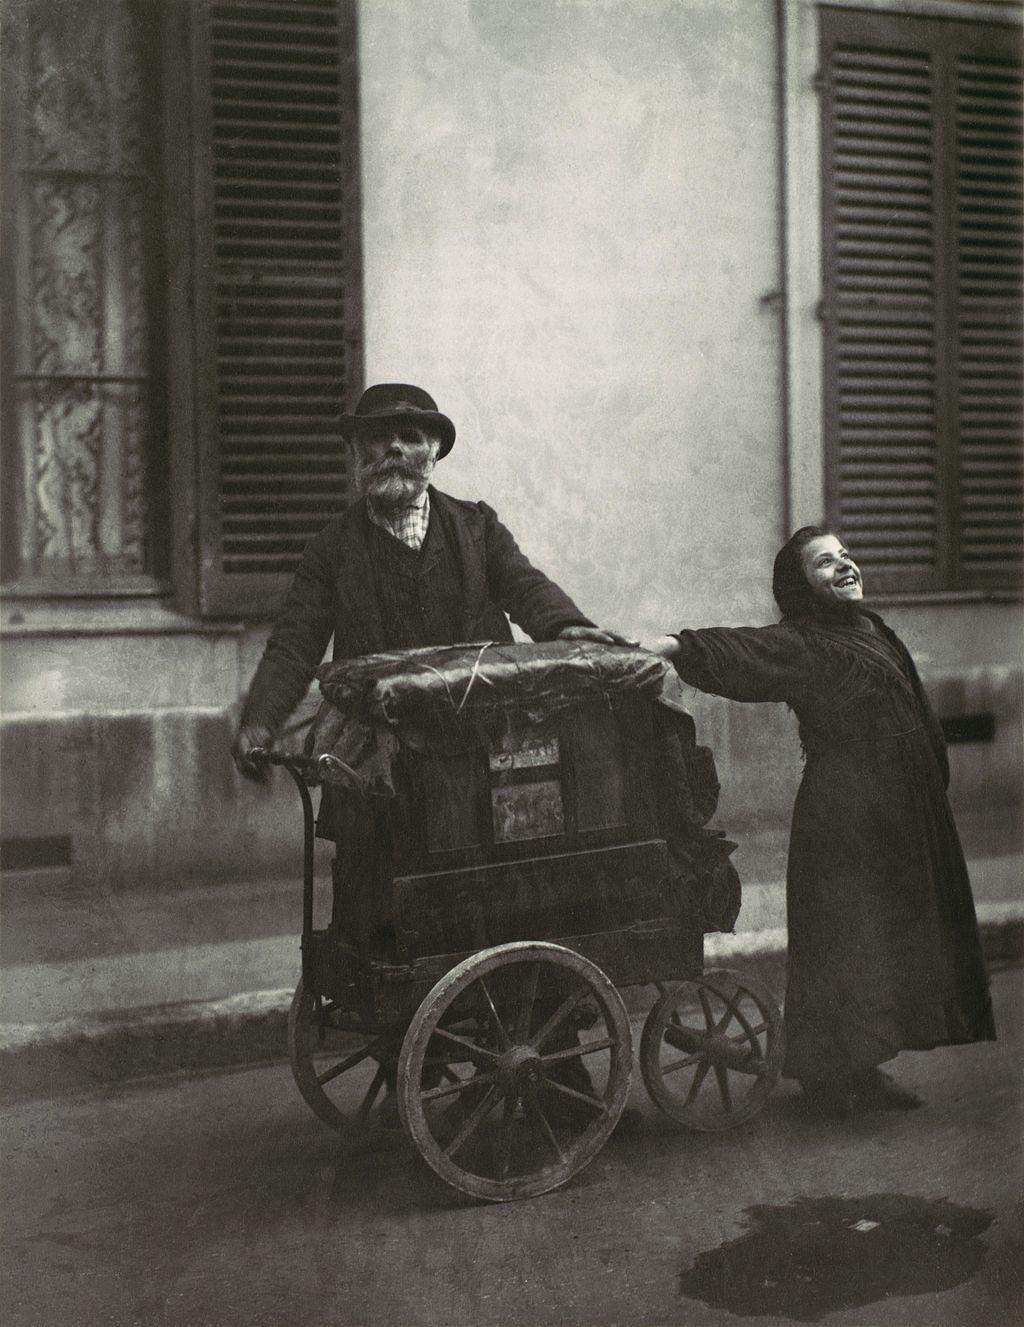 Eugène_Atget,_Street_Musicians,_1898–99.jpg